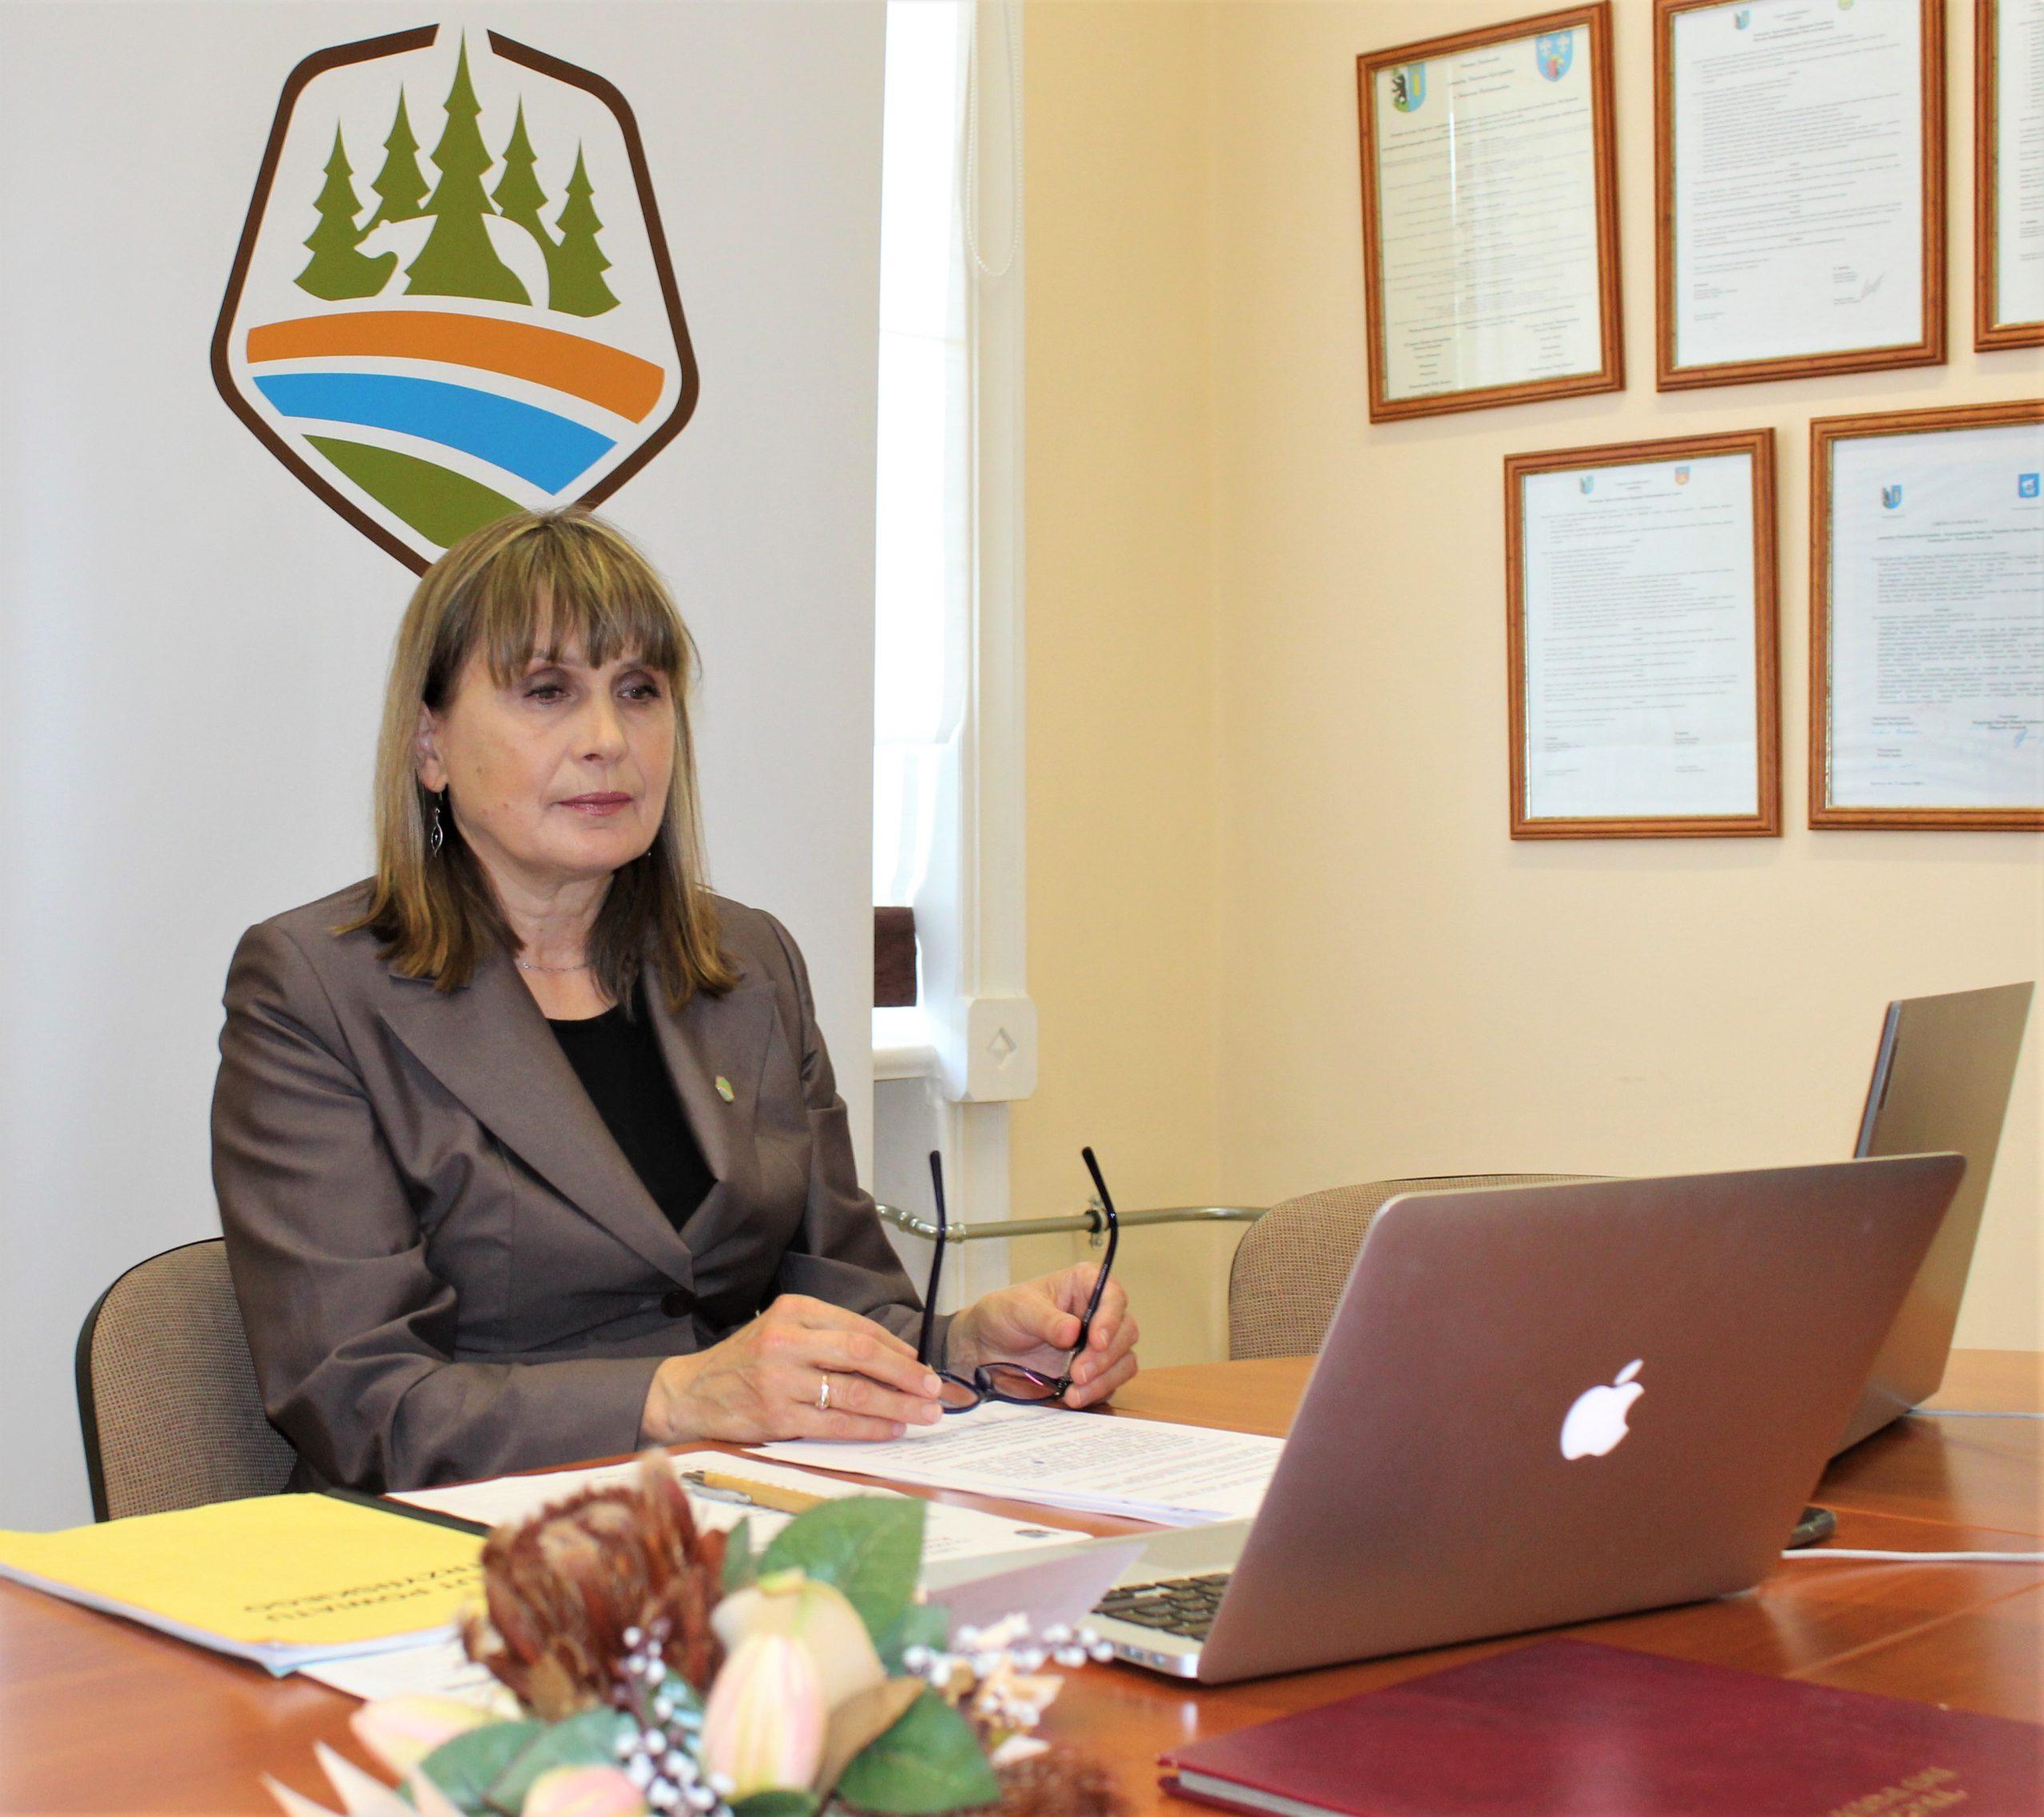 Zdjęcie przedsyawia przewodniczącą rady Urszulę Baraniecką